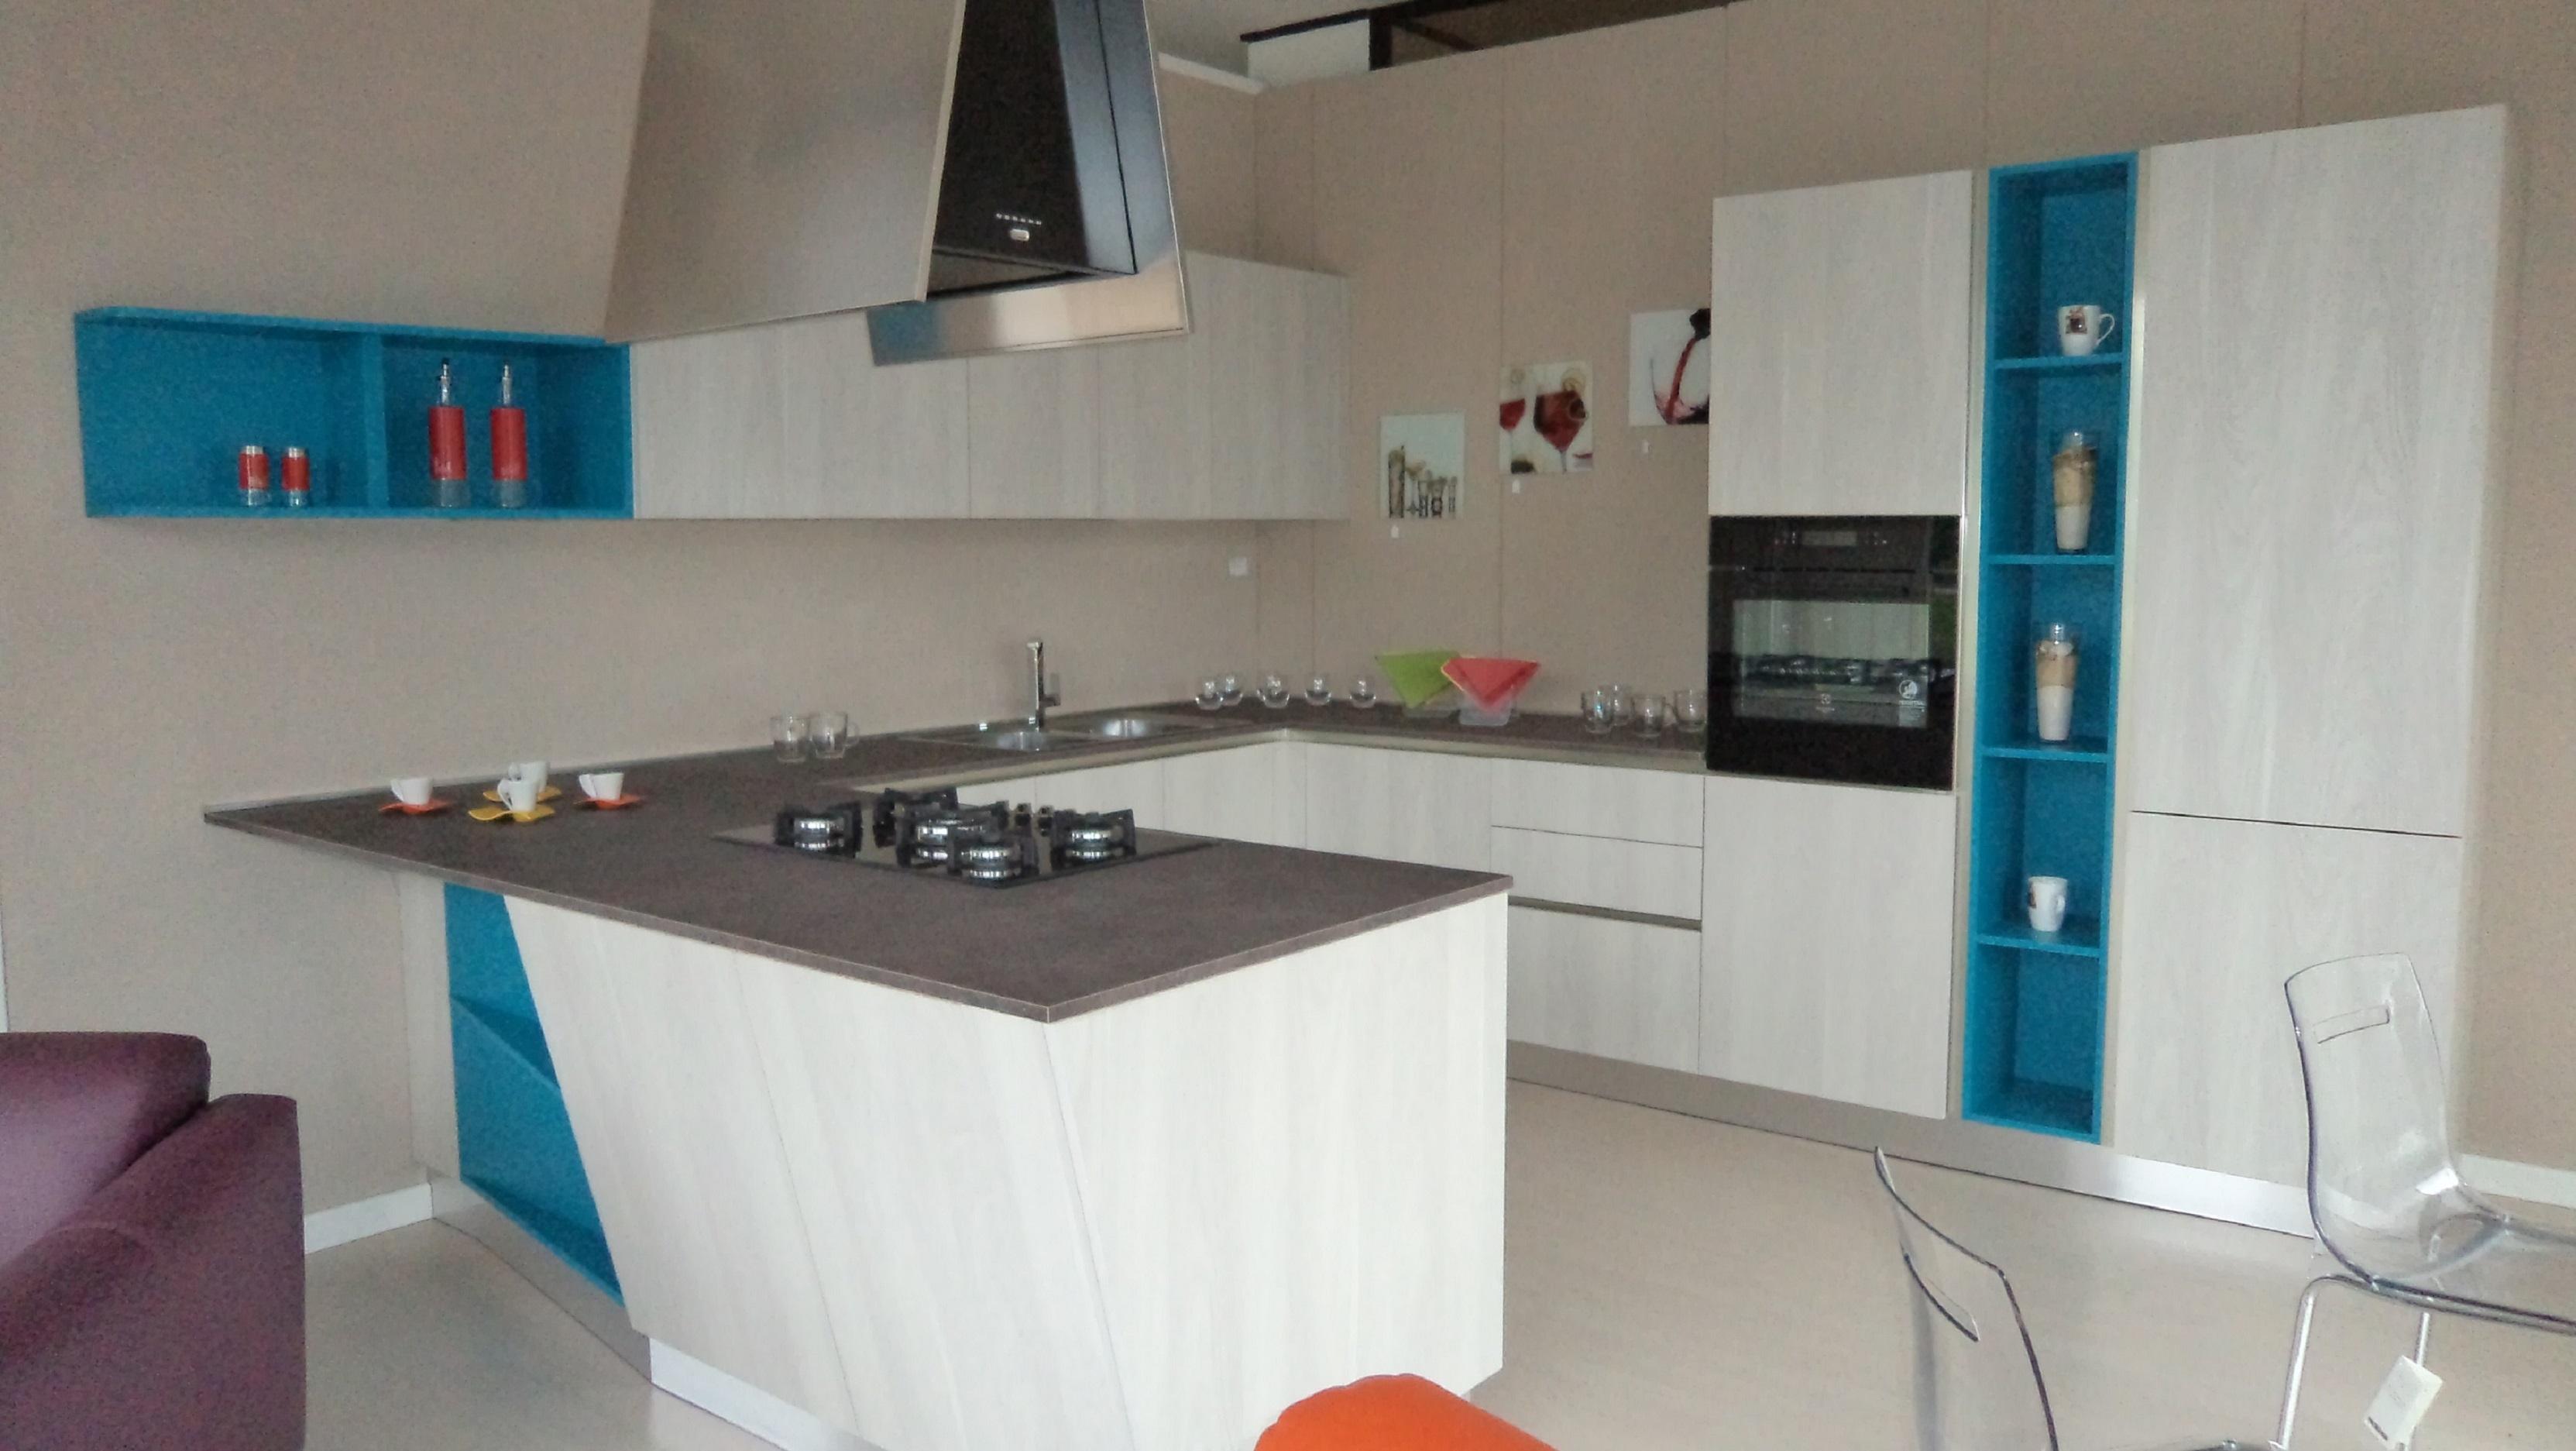 Mobili design occasioni cucine perfect mobili design occasioni cucine cucine mobili design - Mobili design occasioni ...